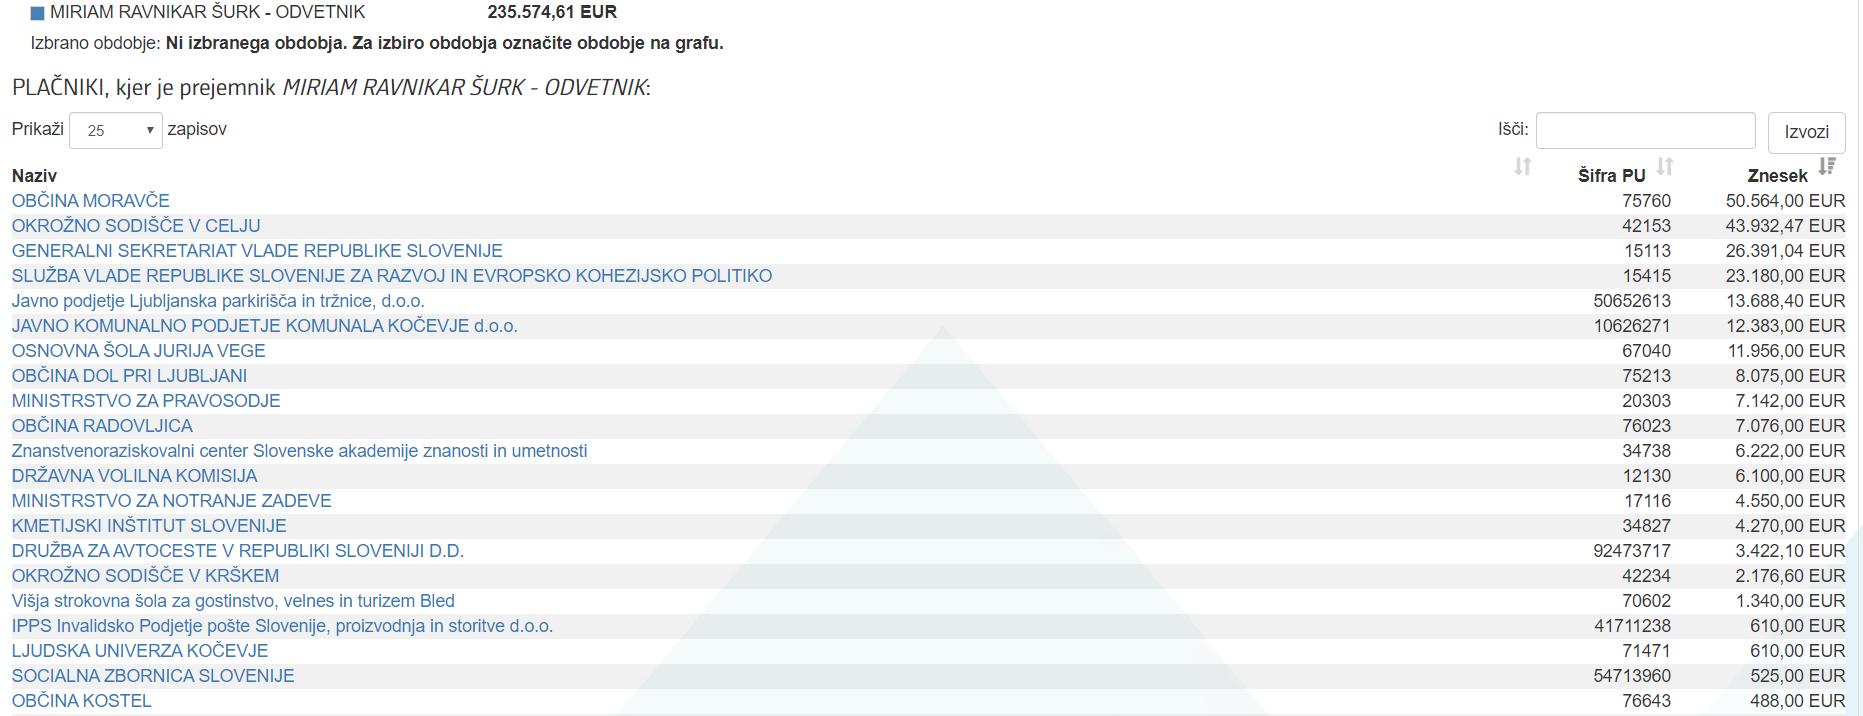 Mirjam Ravnikar Šurk je od leta 2013 pa do danes prejela več kot 235 tisoč evrov. (vir ERAR)